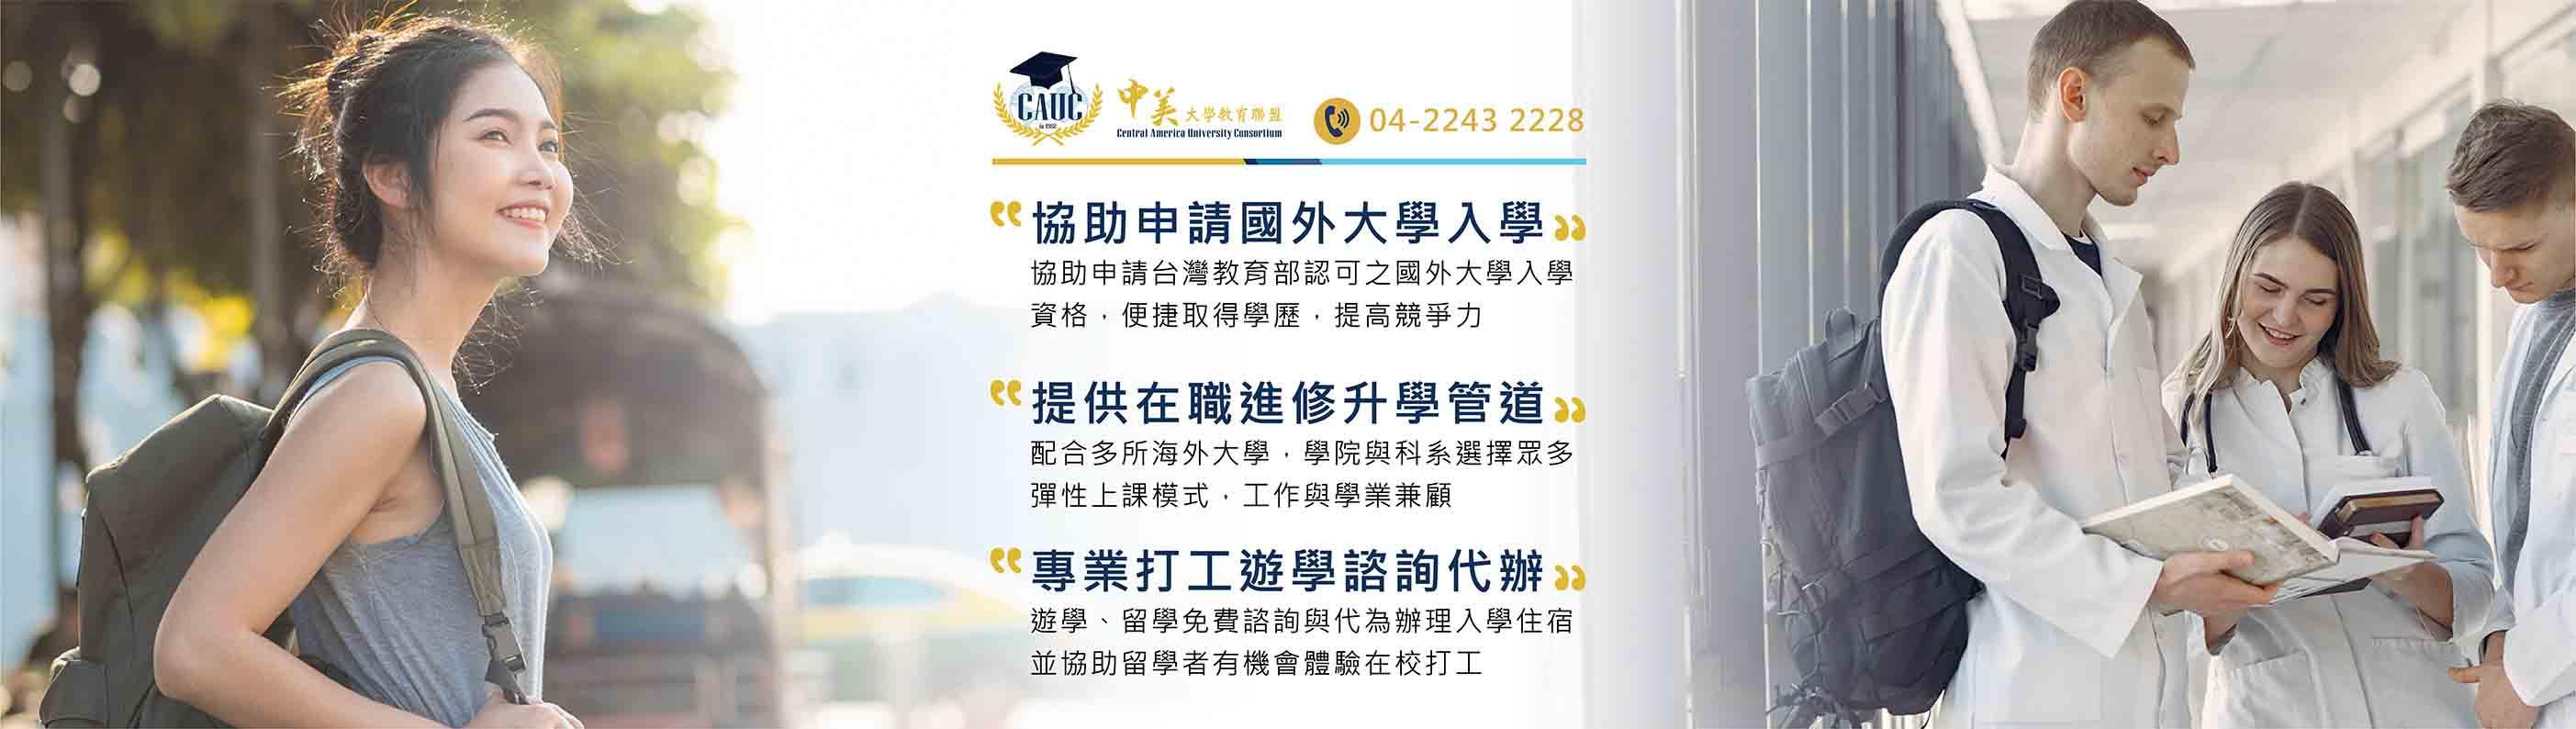 中美大學教育聯盟(中美國際教育有限公司)